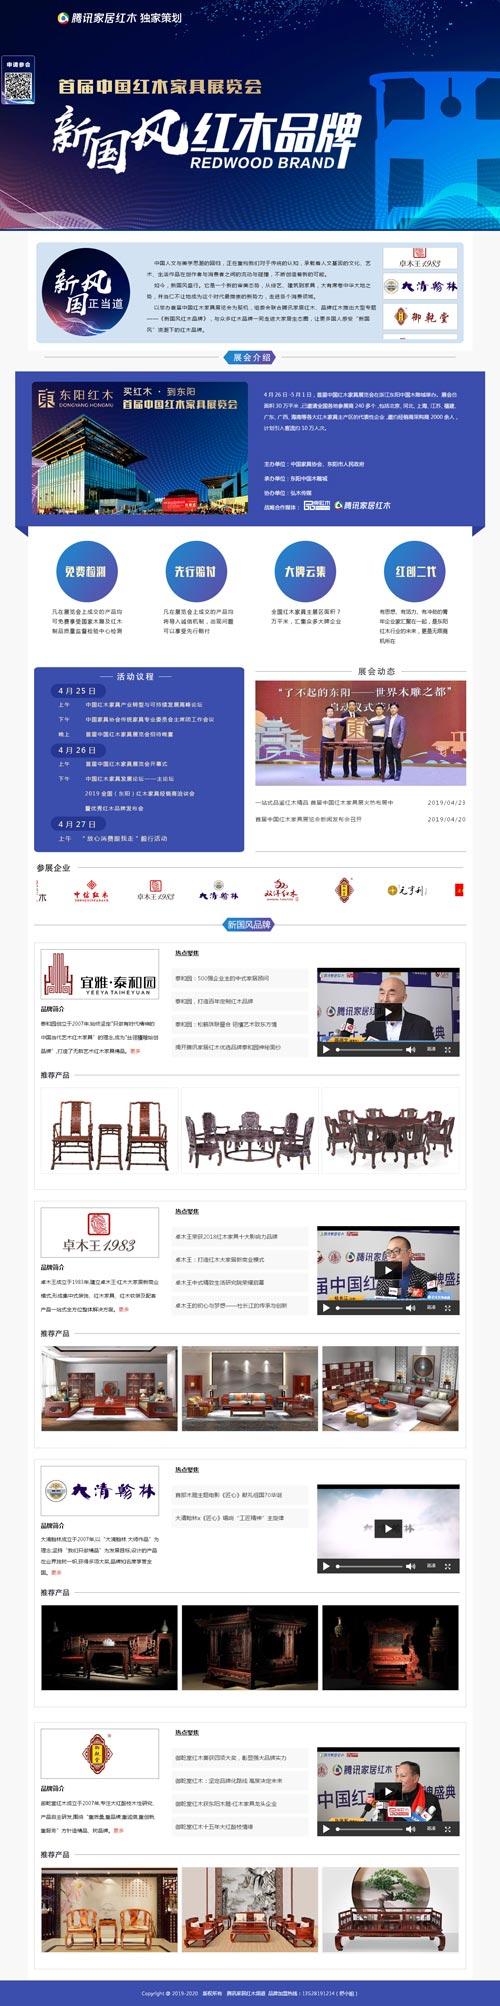 腾讯家居红木_聚焦新国风红木品牌.jpg